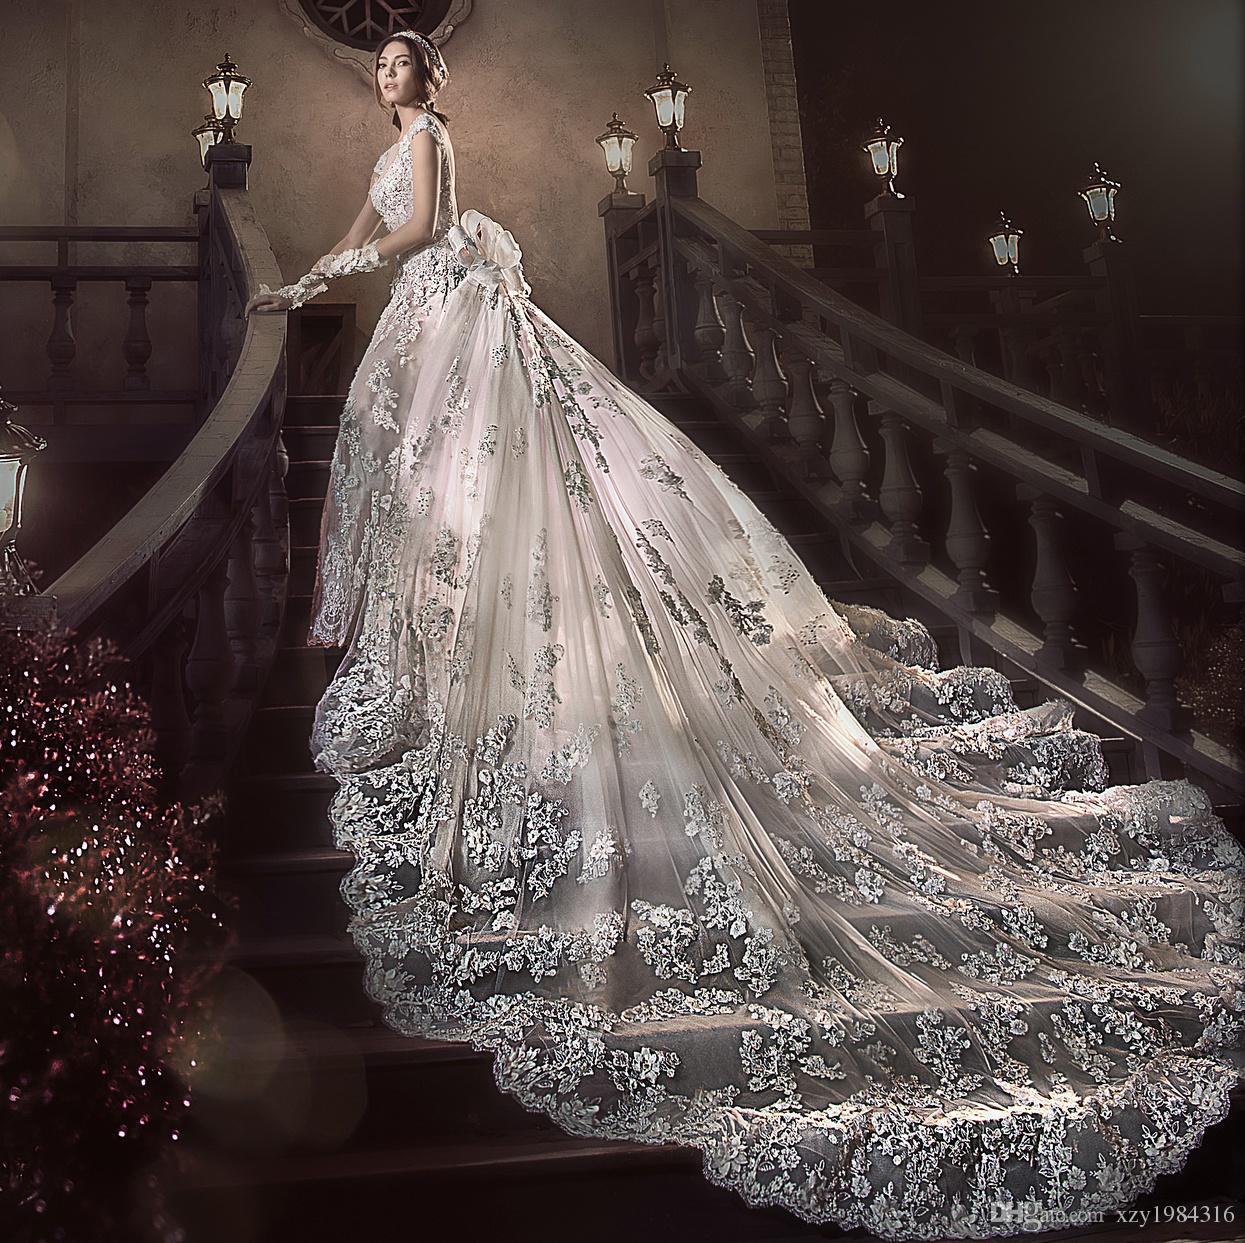 2,5 Meter Langes Schwanz Hochzeitskleid Wunderschöne Mode Abnehmbarem Zug Strand Hochzeitskleid Luxus Kristall Perlen Applique Meerjungfrau Hochzeitskleid